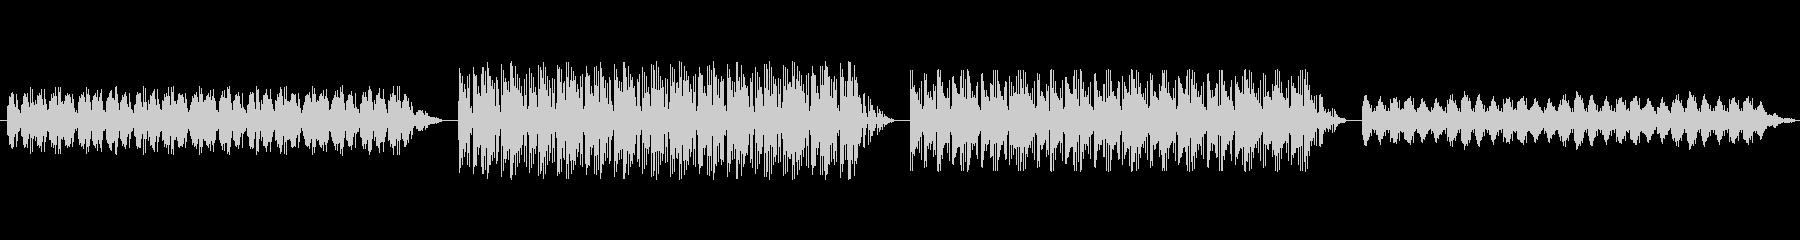 ショートBGM:神秘的・幻想的の未再生の波形